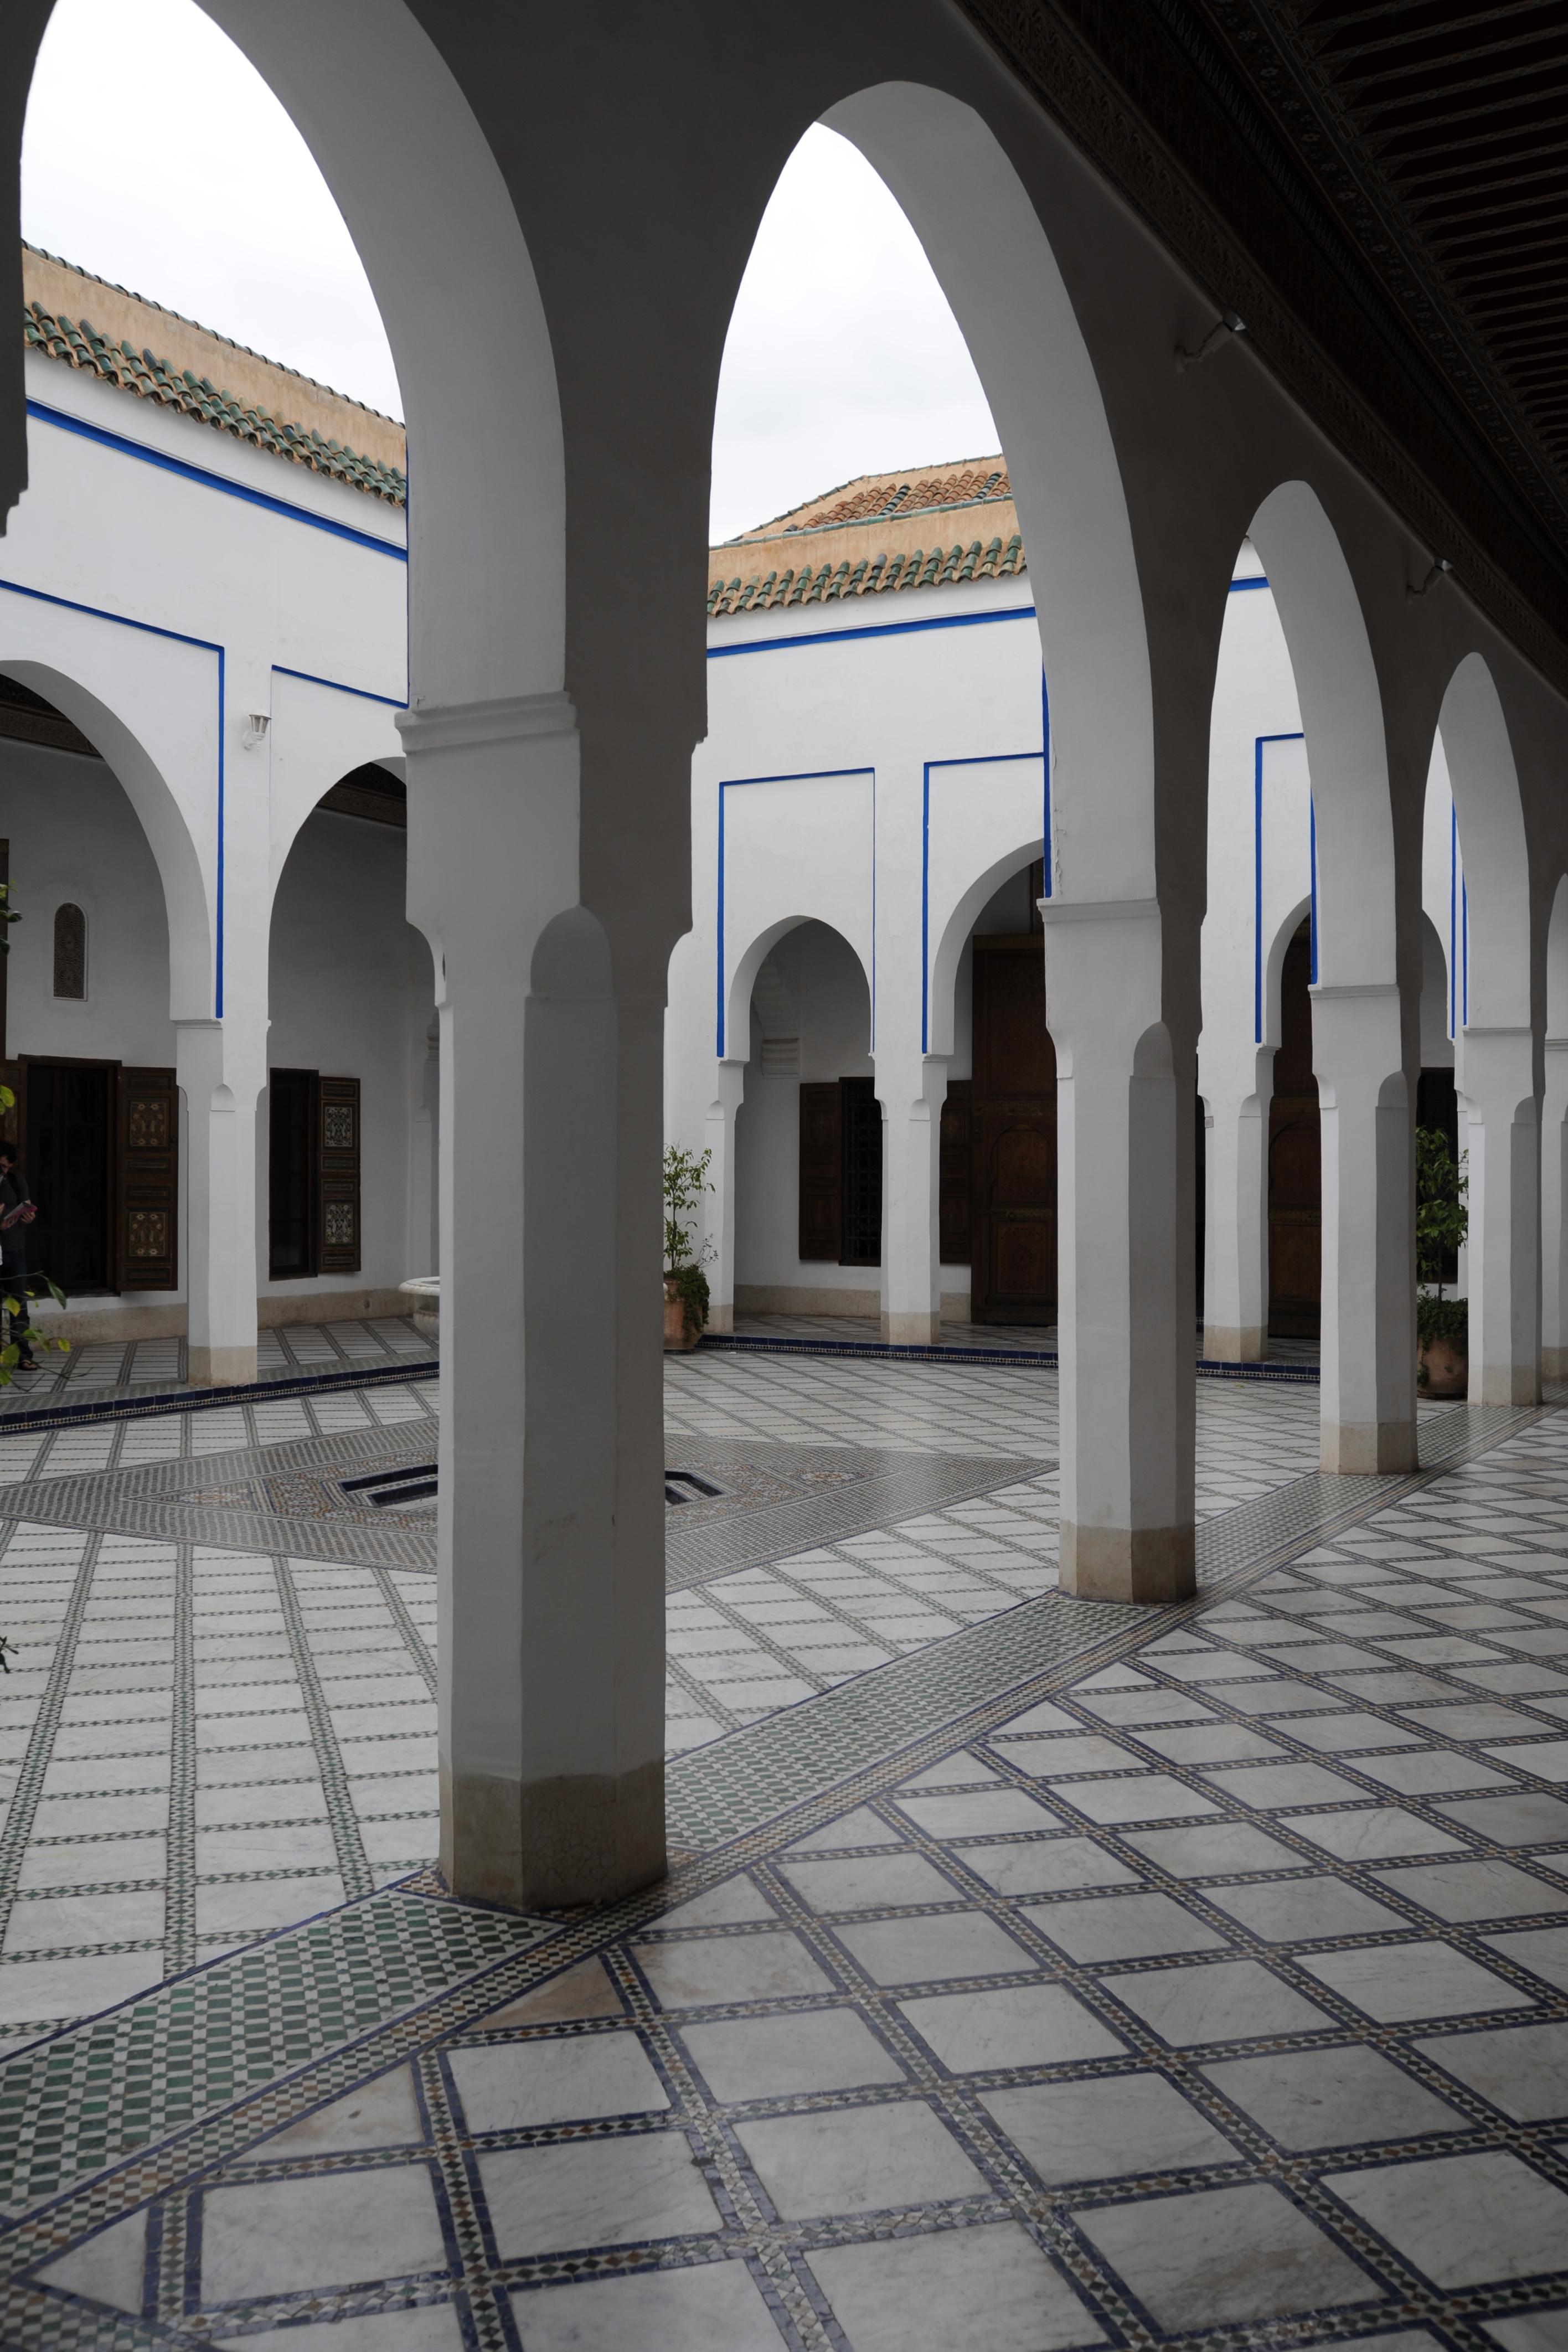 Le palais de la bahia marrakech au maroc for Fenetre sur cour casablanca